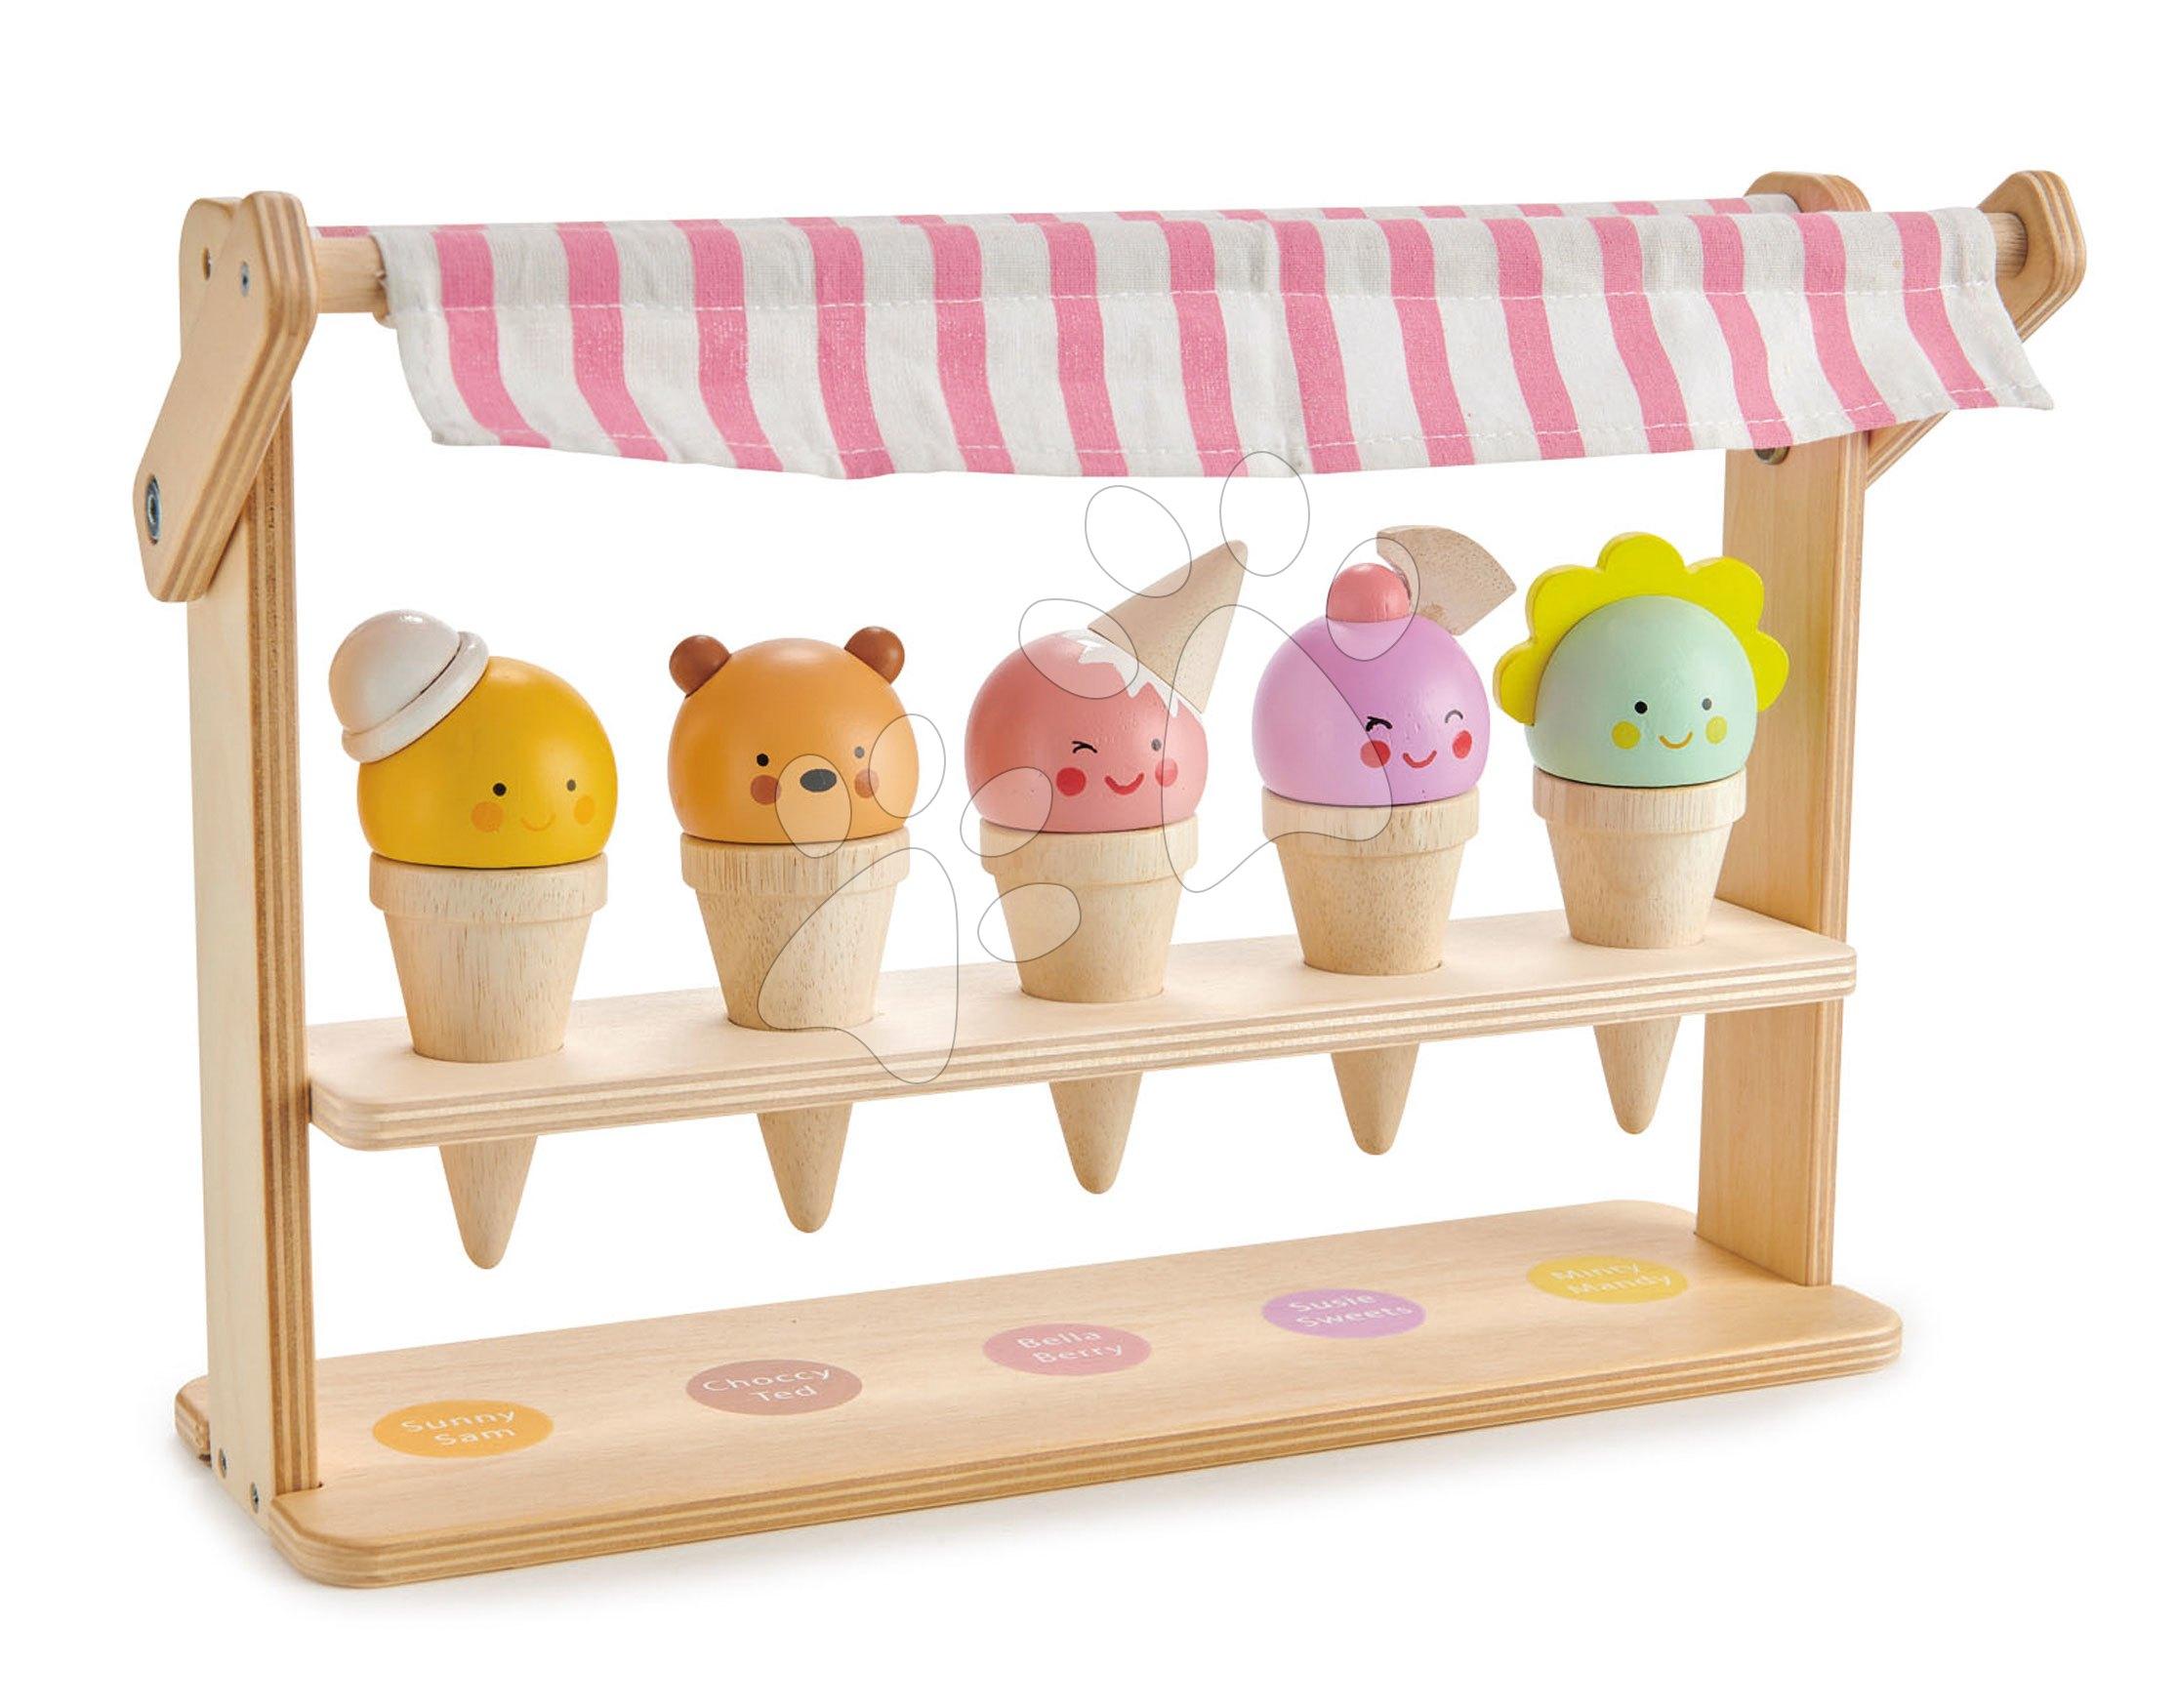 Dřevěná zmrzlinárna s úsměvem Scoops and Smiles Tender Leaf Toys5 druhů kornoutů se zvířátky 5 druhů kornoutů se zvířátky